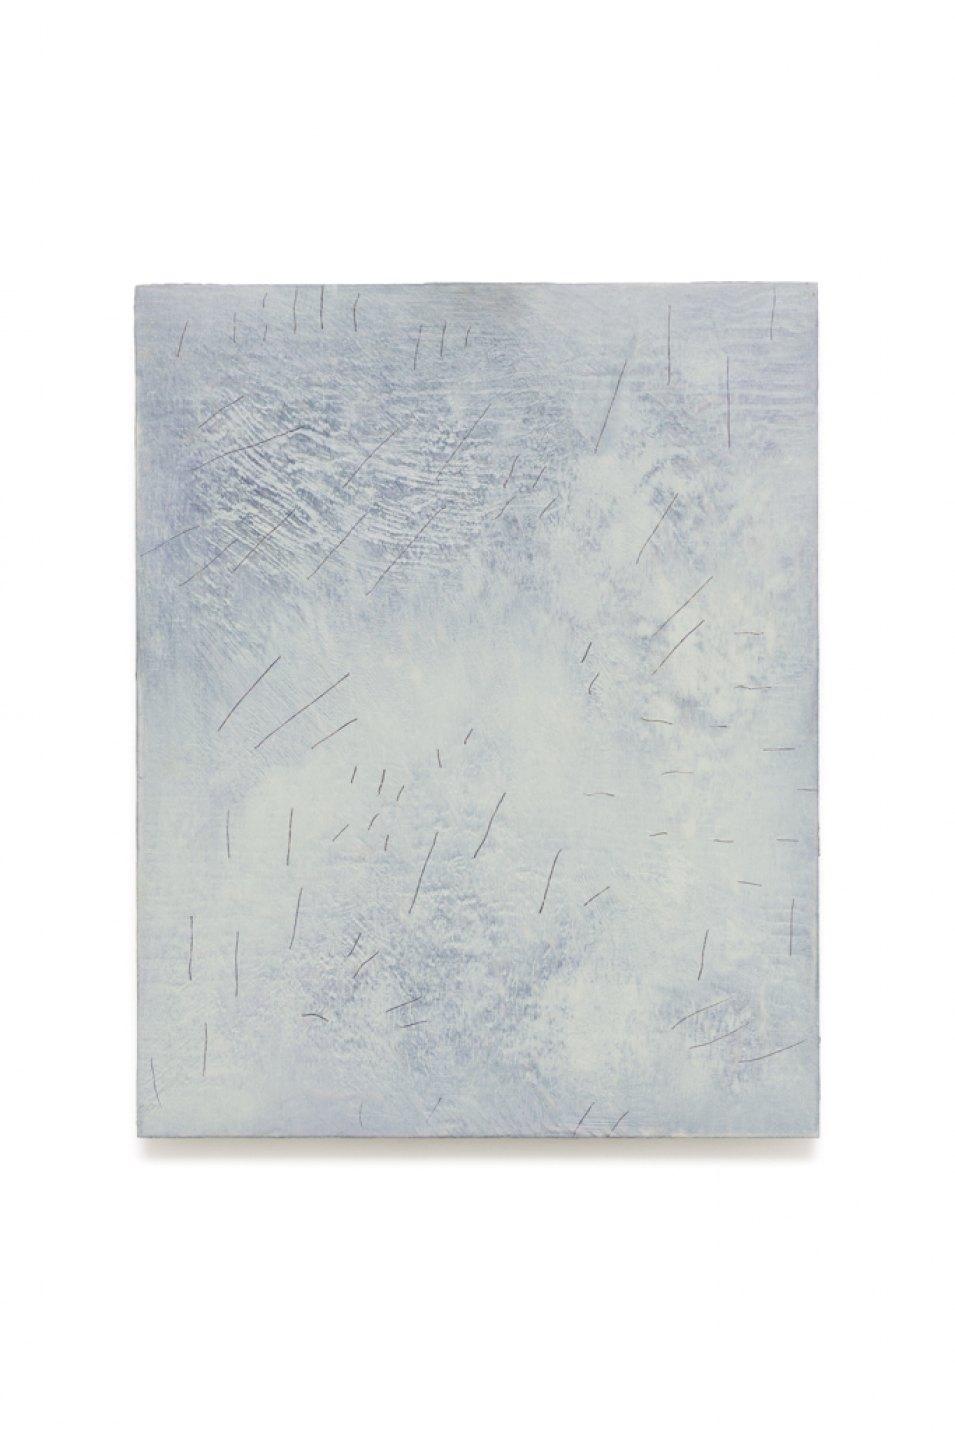 Iulia Nistor,<em>Evidence L6 F5 A9</em>, 2017, oil on wood, 50 × 40 cm - Mendes Wood DM